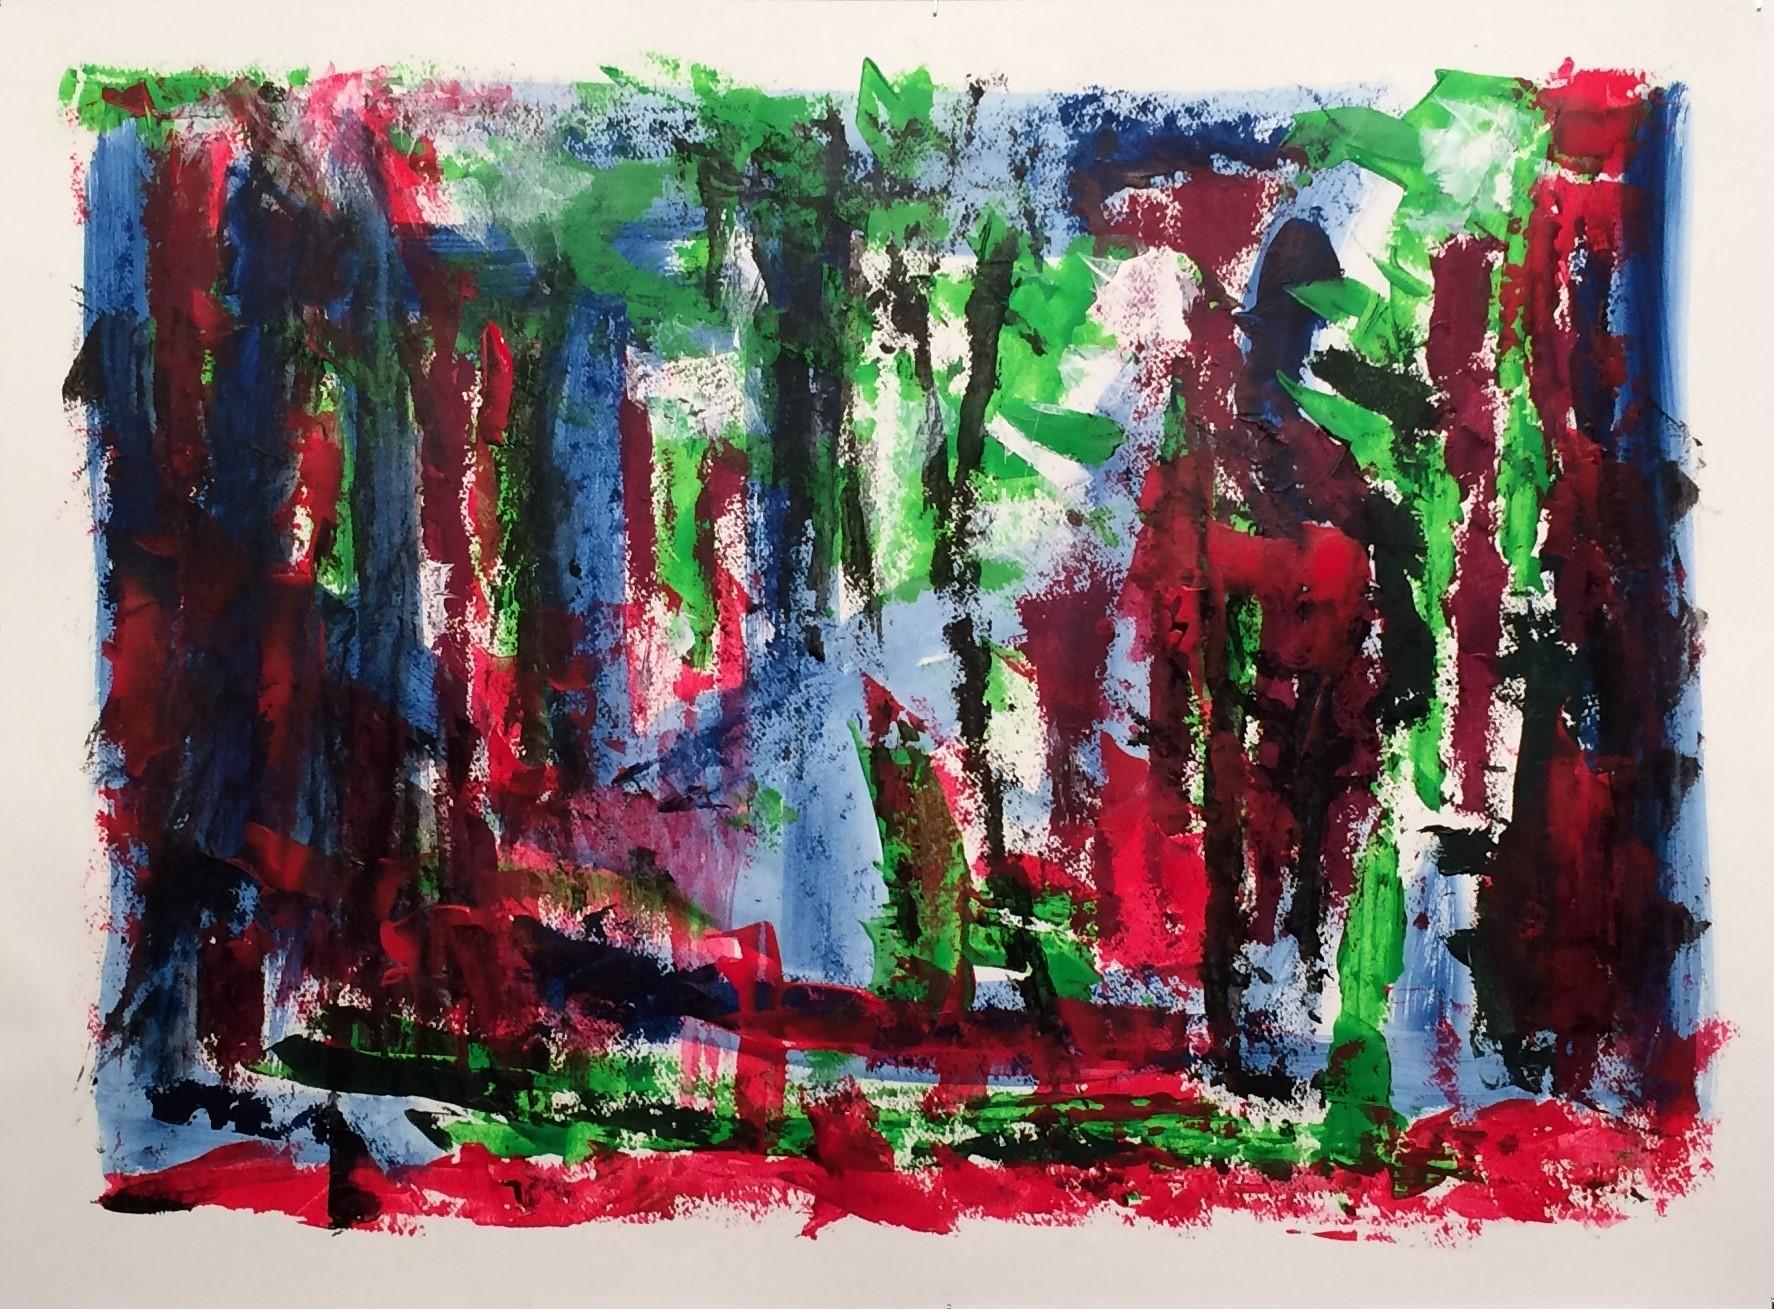 N°3265 - Forêt - Acrylique sur papier - 55 x 75 cm - 13 avril 2017